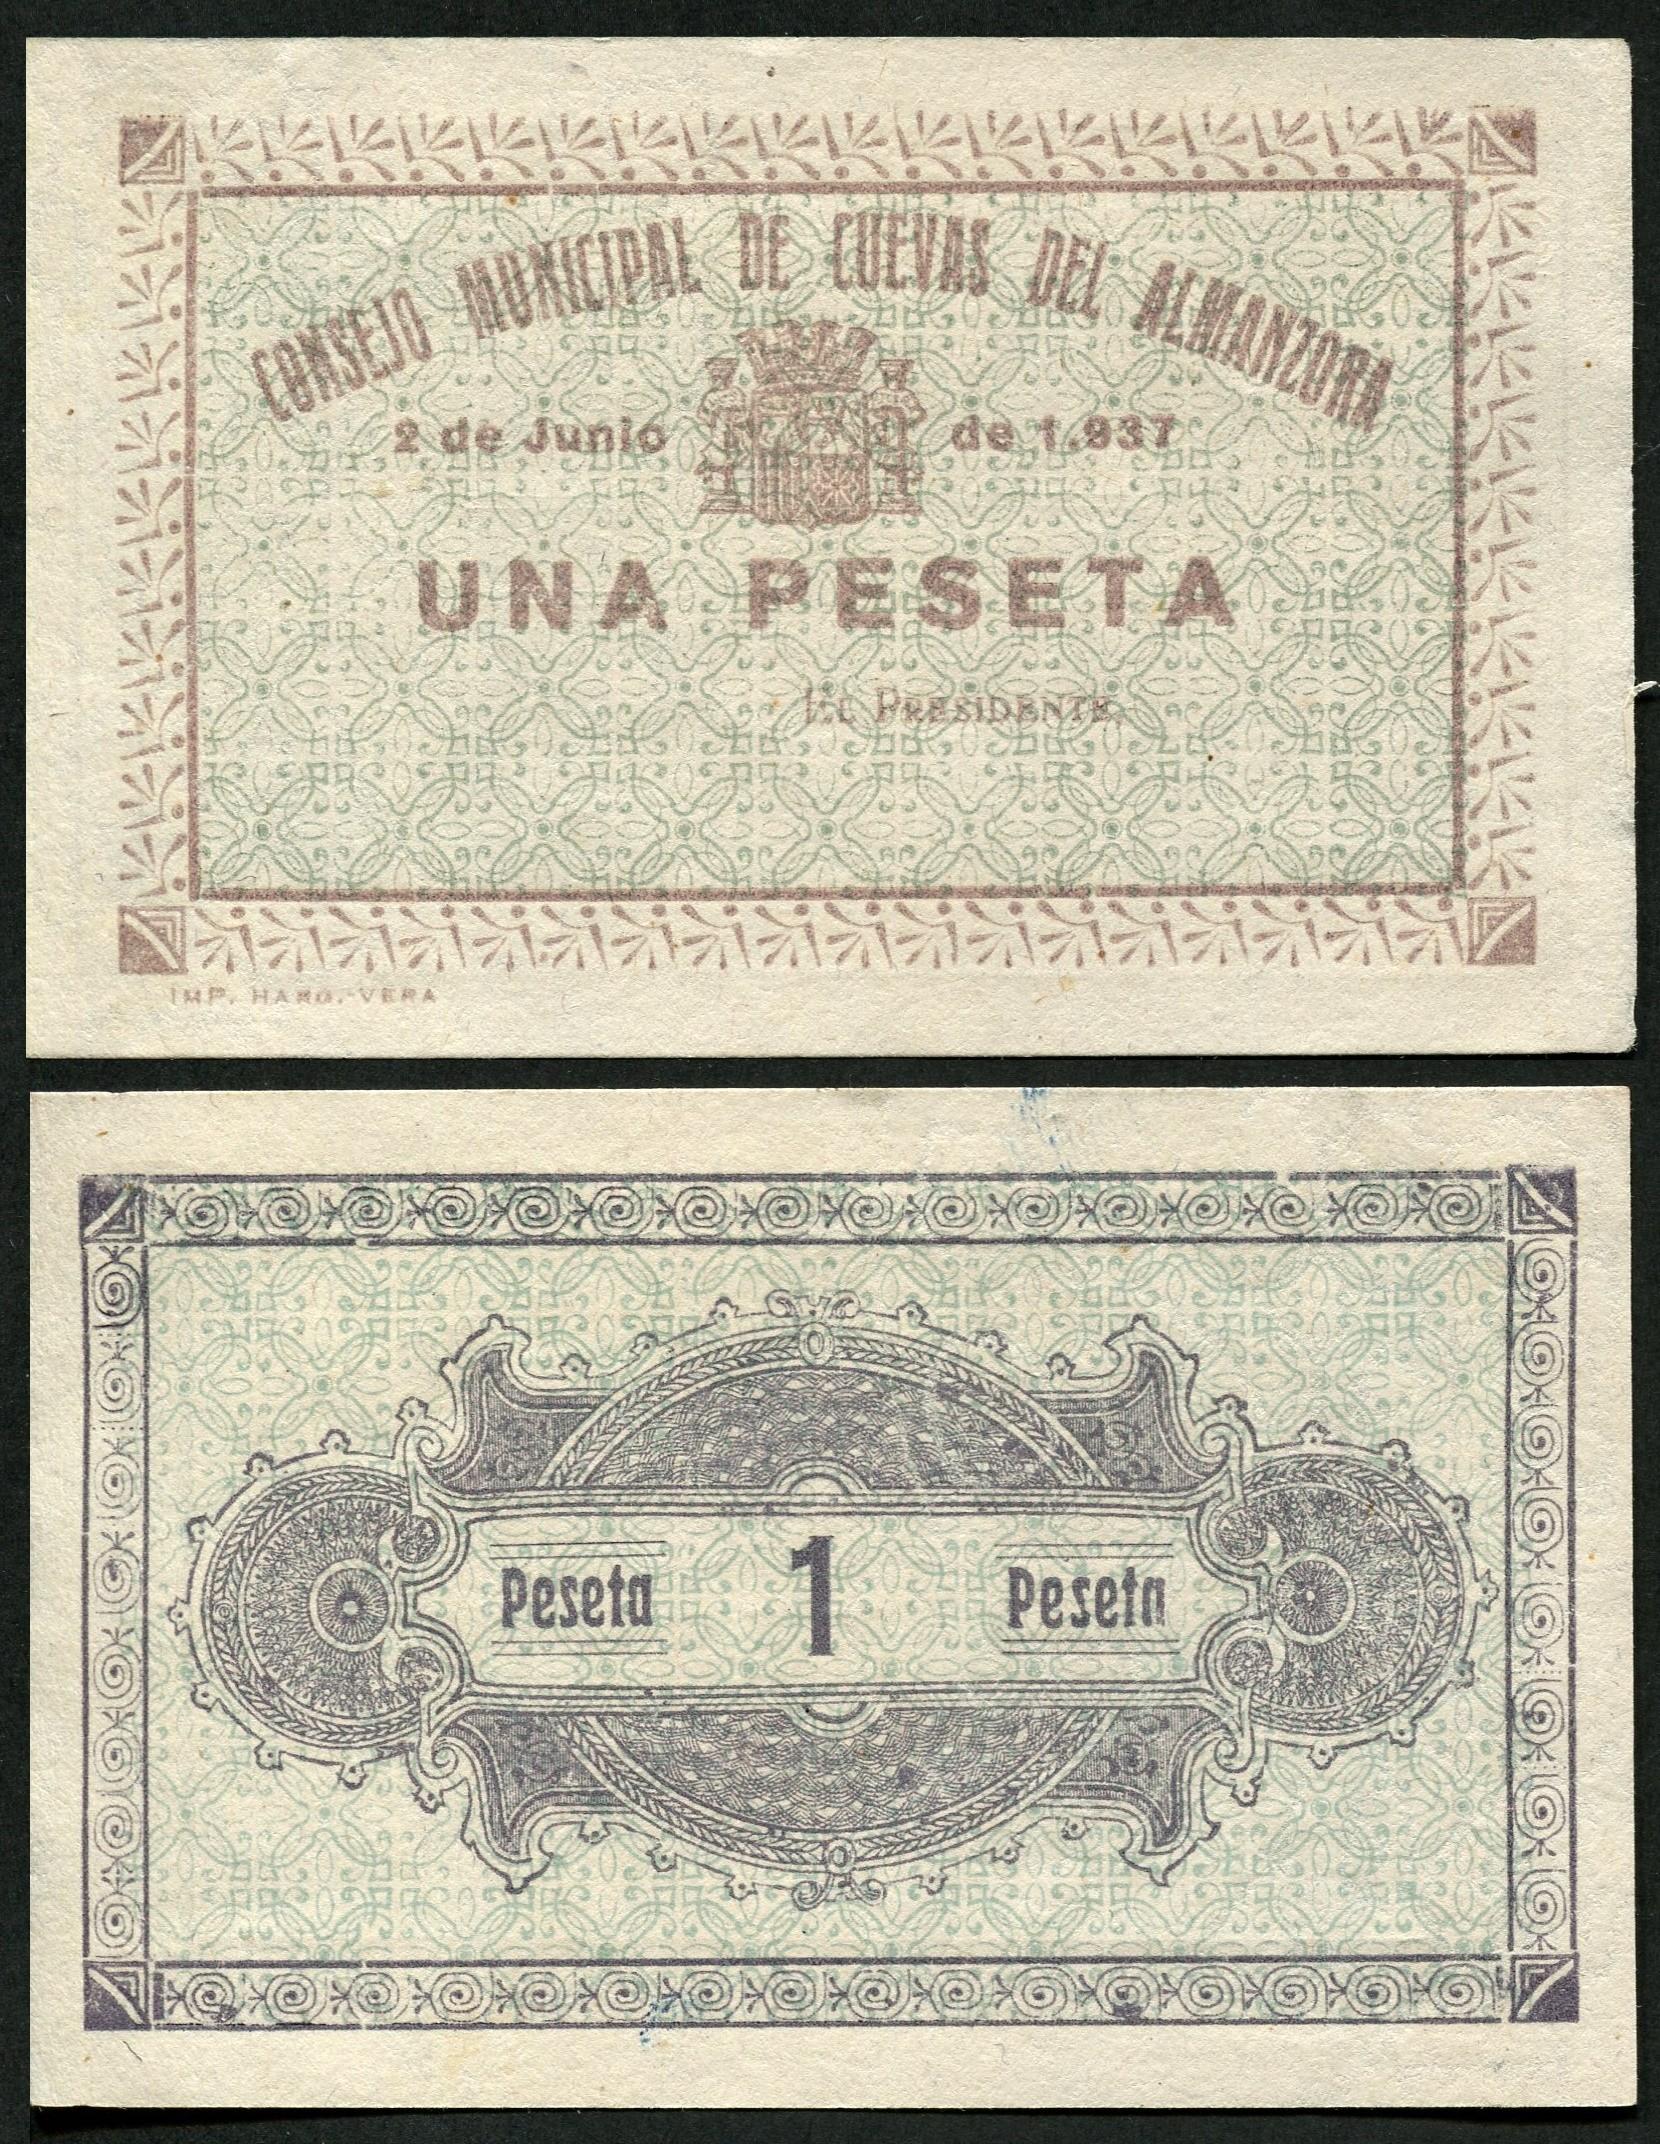 espana-billetes-locales-republicanos-n-rg2138-sc-unc-cuevas-almanzora-1-peseta-2-de-junio-1937